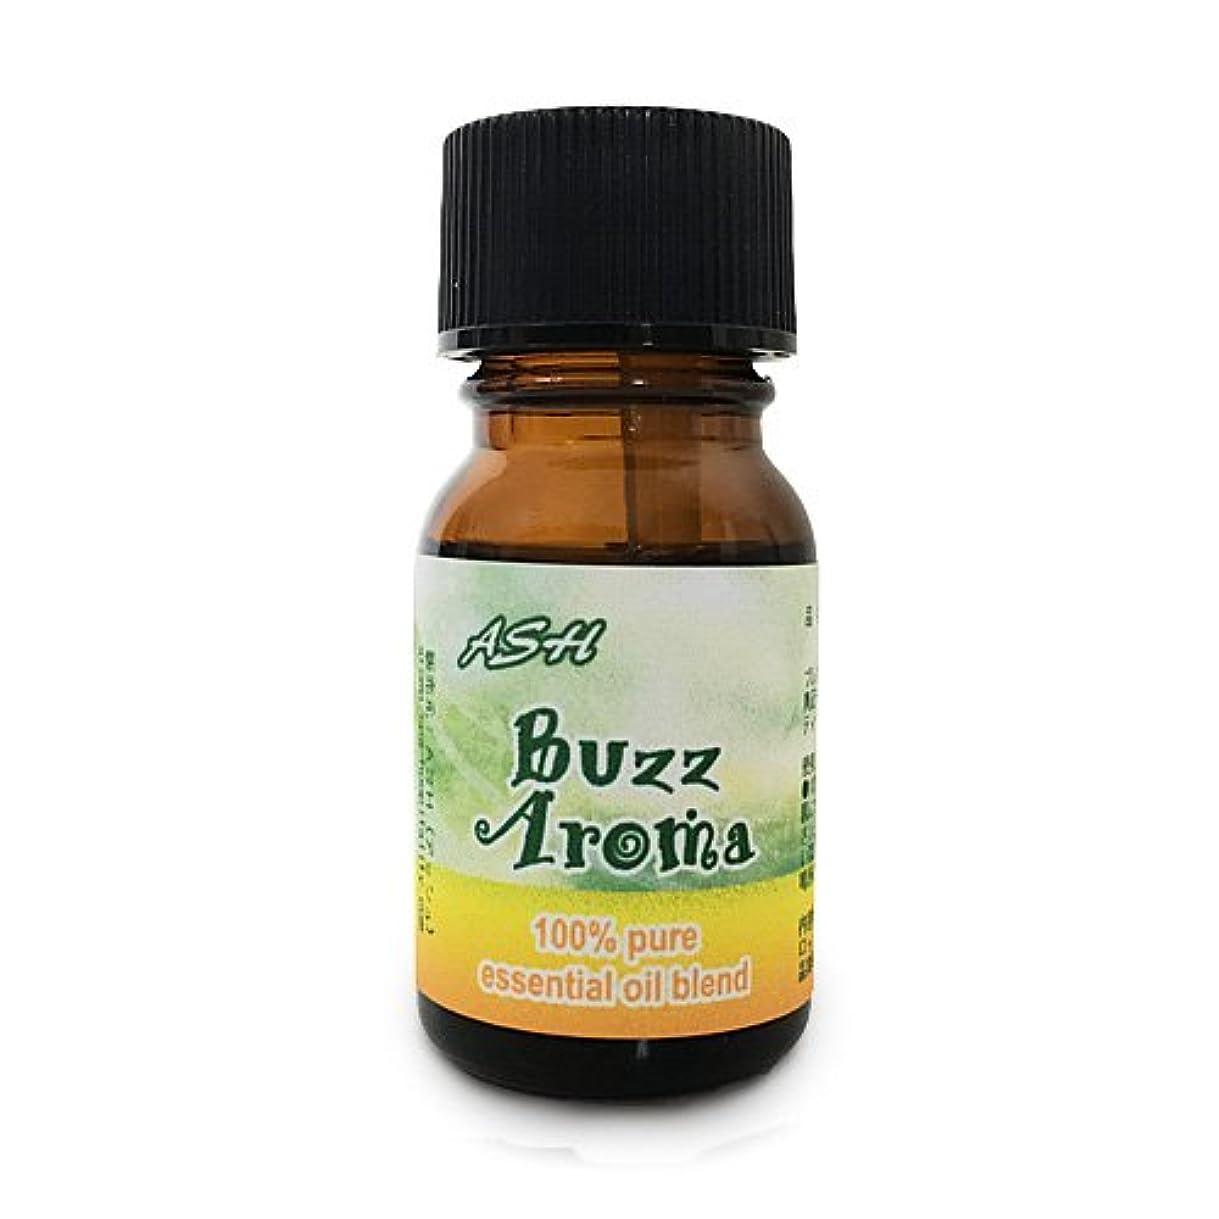 抑止する借りているASH Buzz Aroma(アンチモスキート) エッセンシャルオイルブレンド 10ml 虫除け対策 (真正ラベンダー レモングラス ティートゥリー ユーカリ)